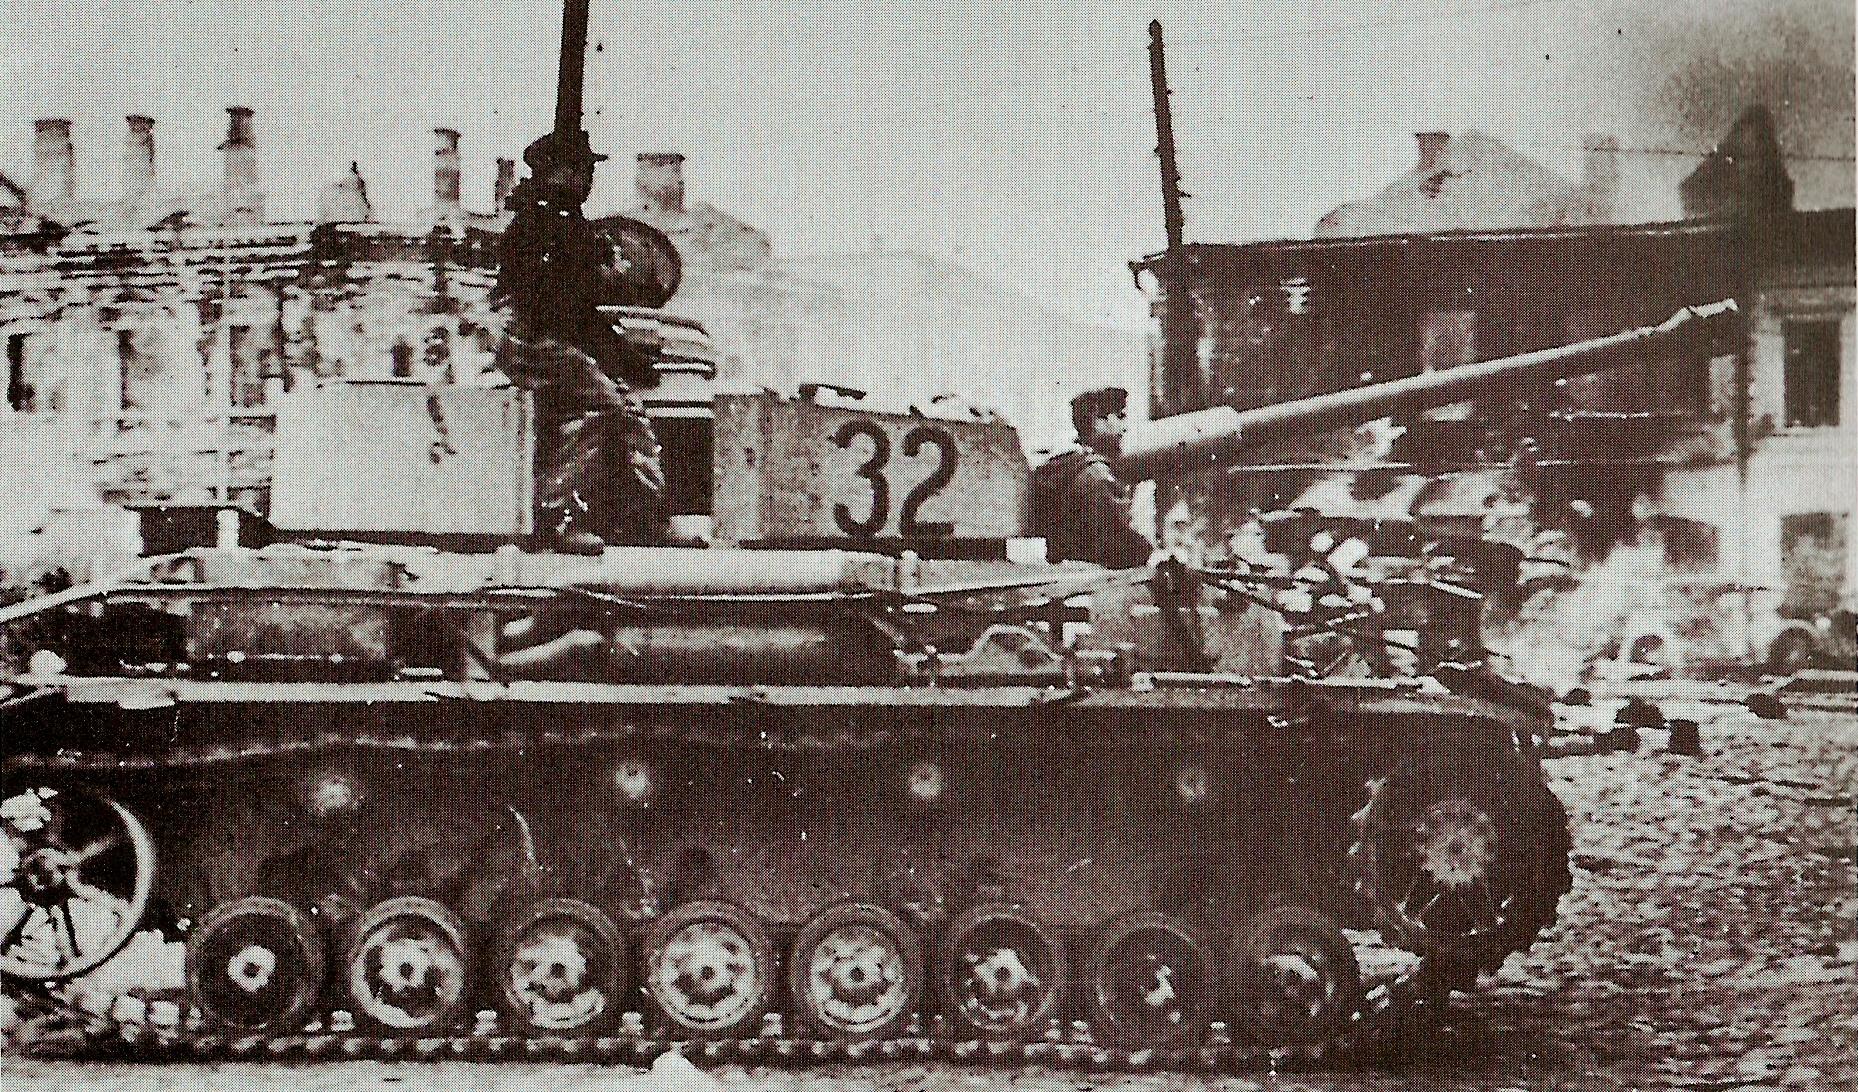 German tanks in Zhitomir